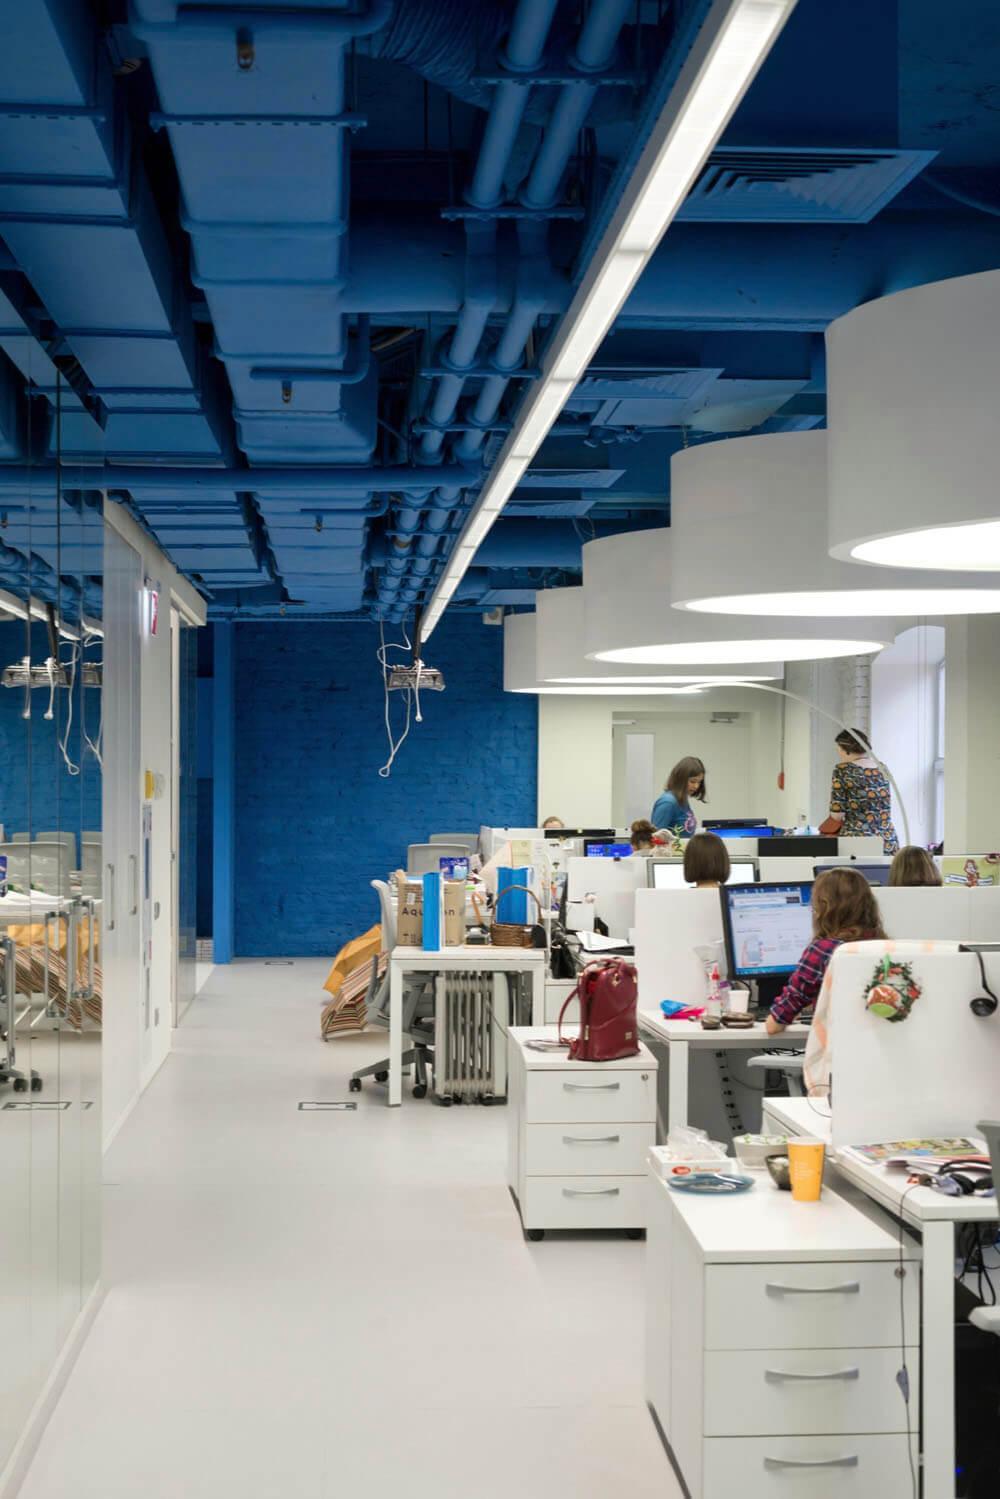 Креативное оформление офиса - синие потолок и стены, белые пол и мебель - фото 4